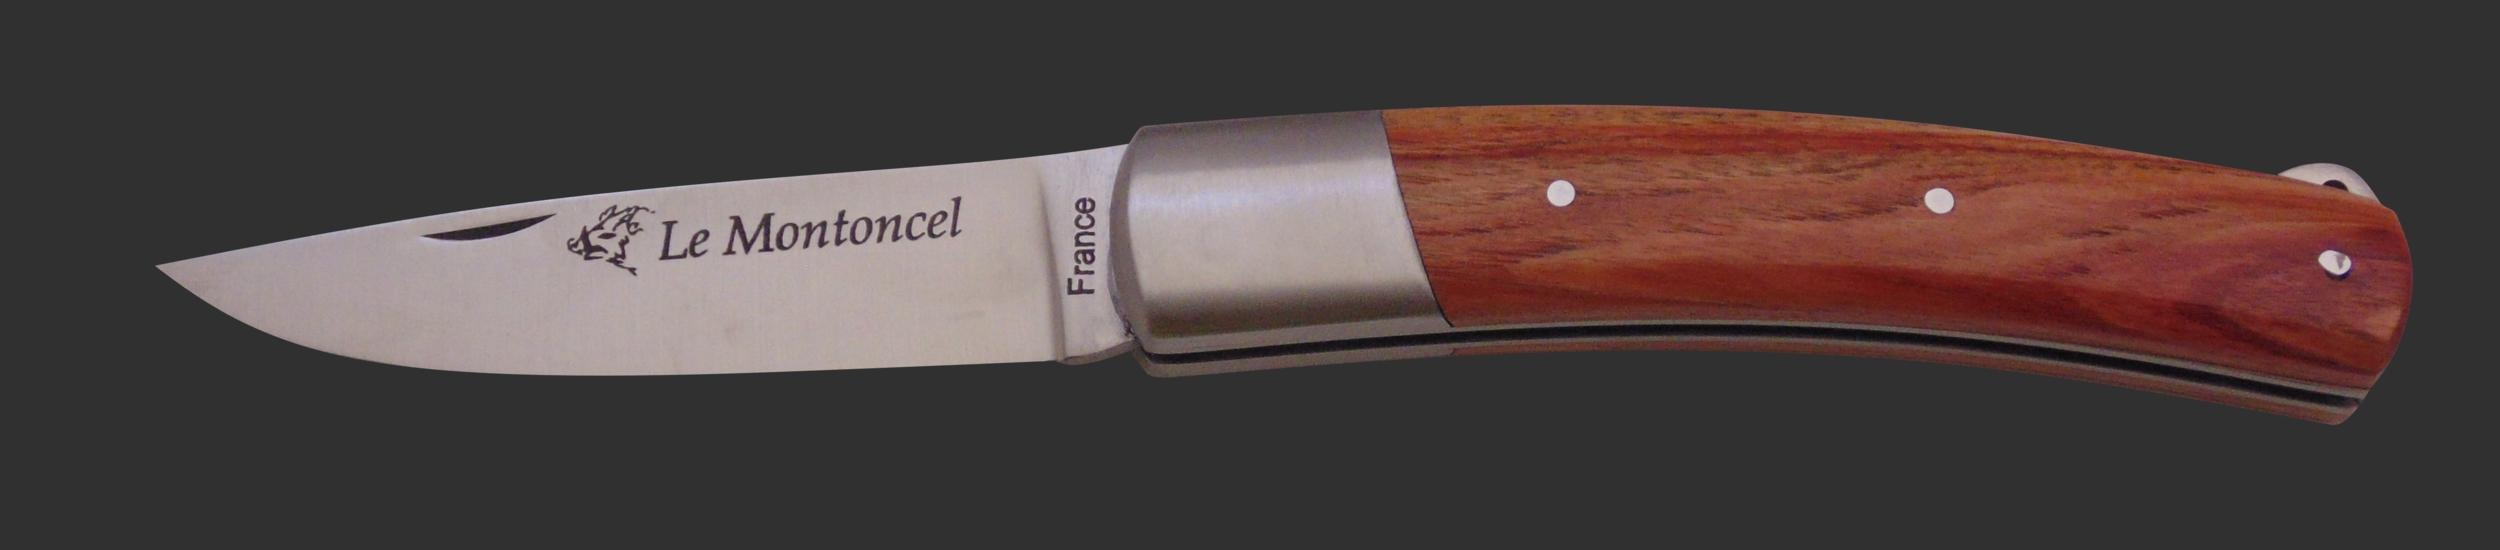 Couteau le Montoncel bois de rose